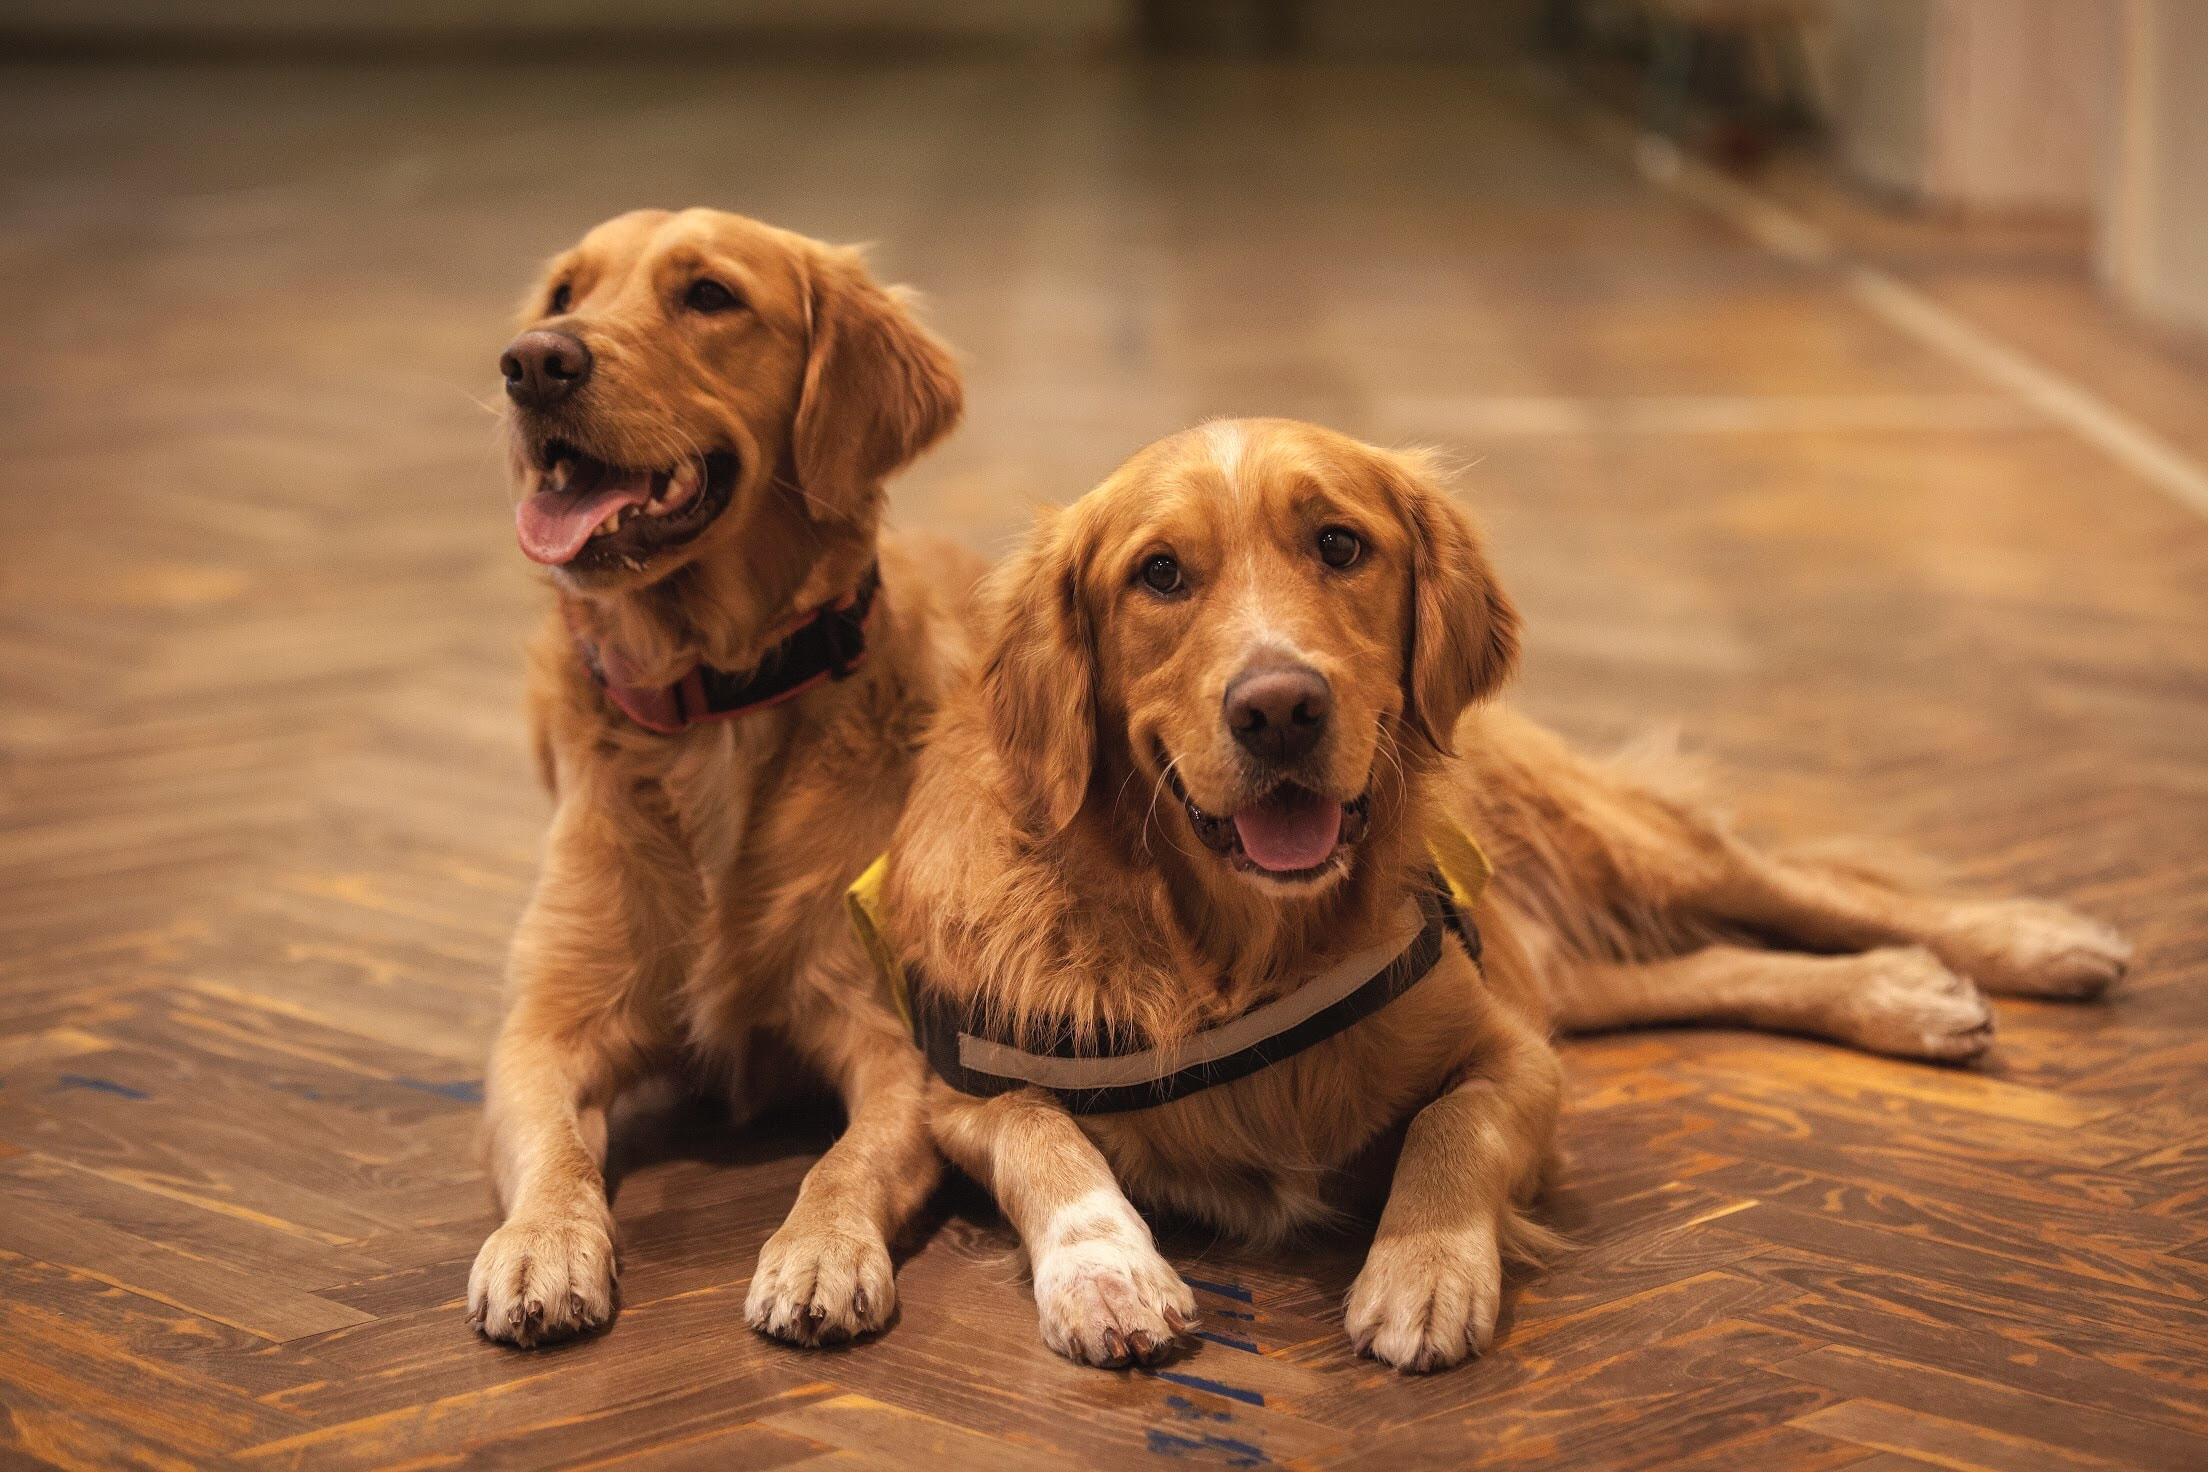 これを見ればゴールデンレトリーバーの全部が分かる!可愛い家族を大切にする飼い主のための豆知識。